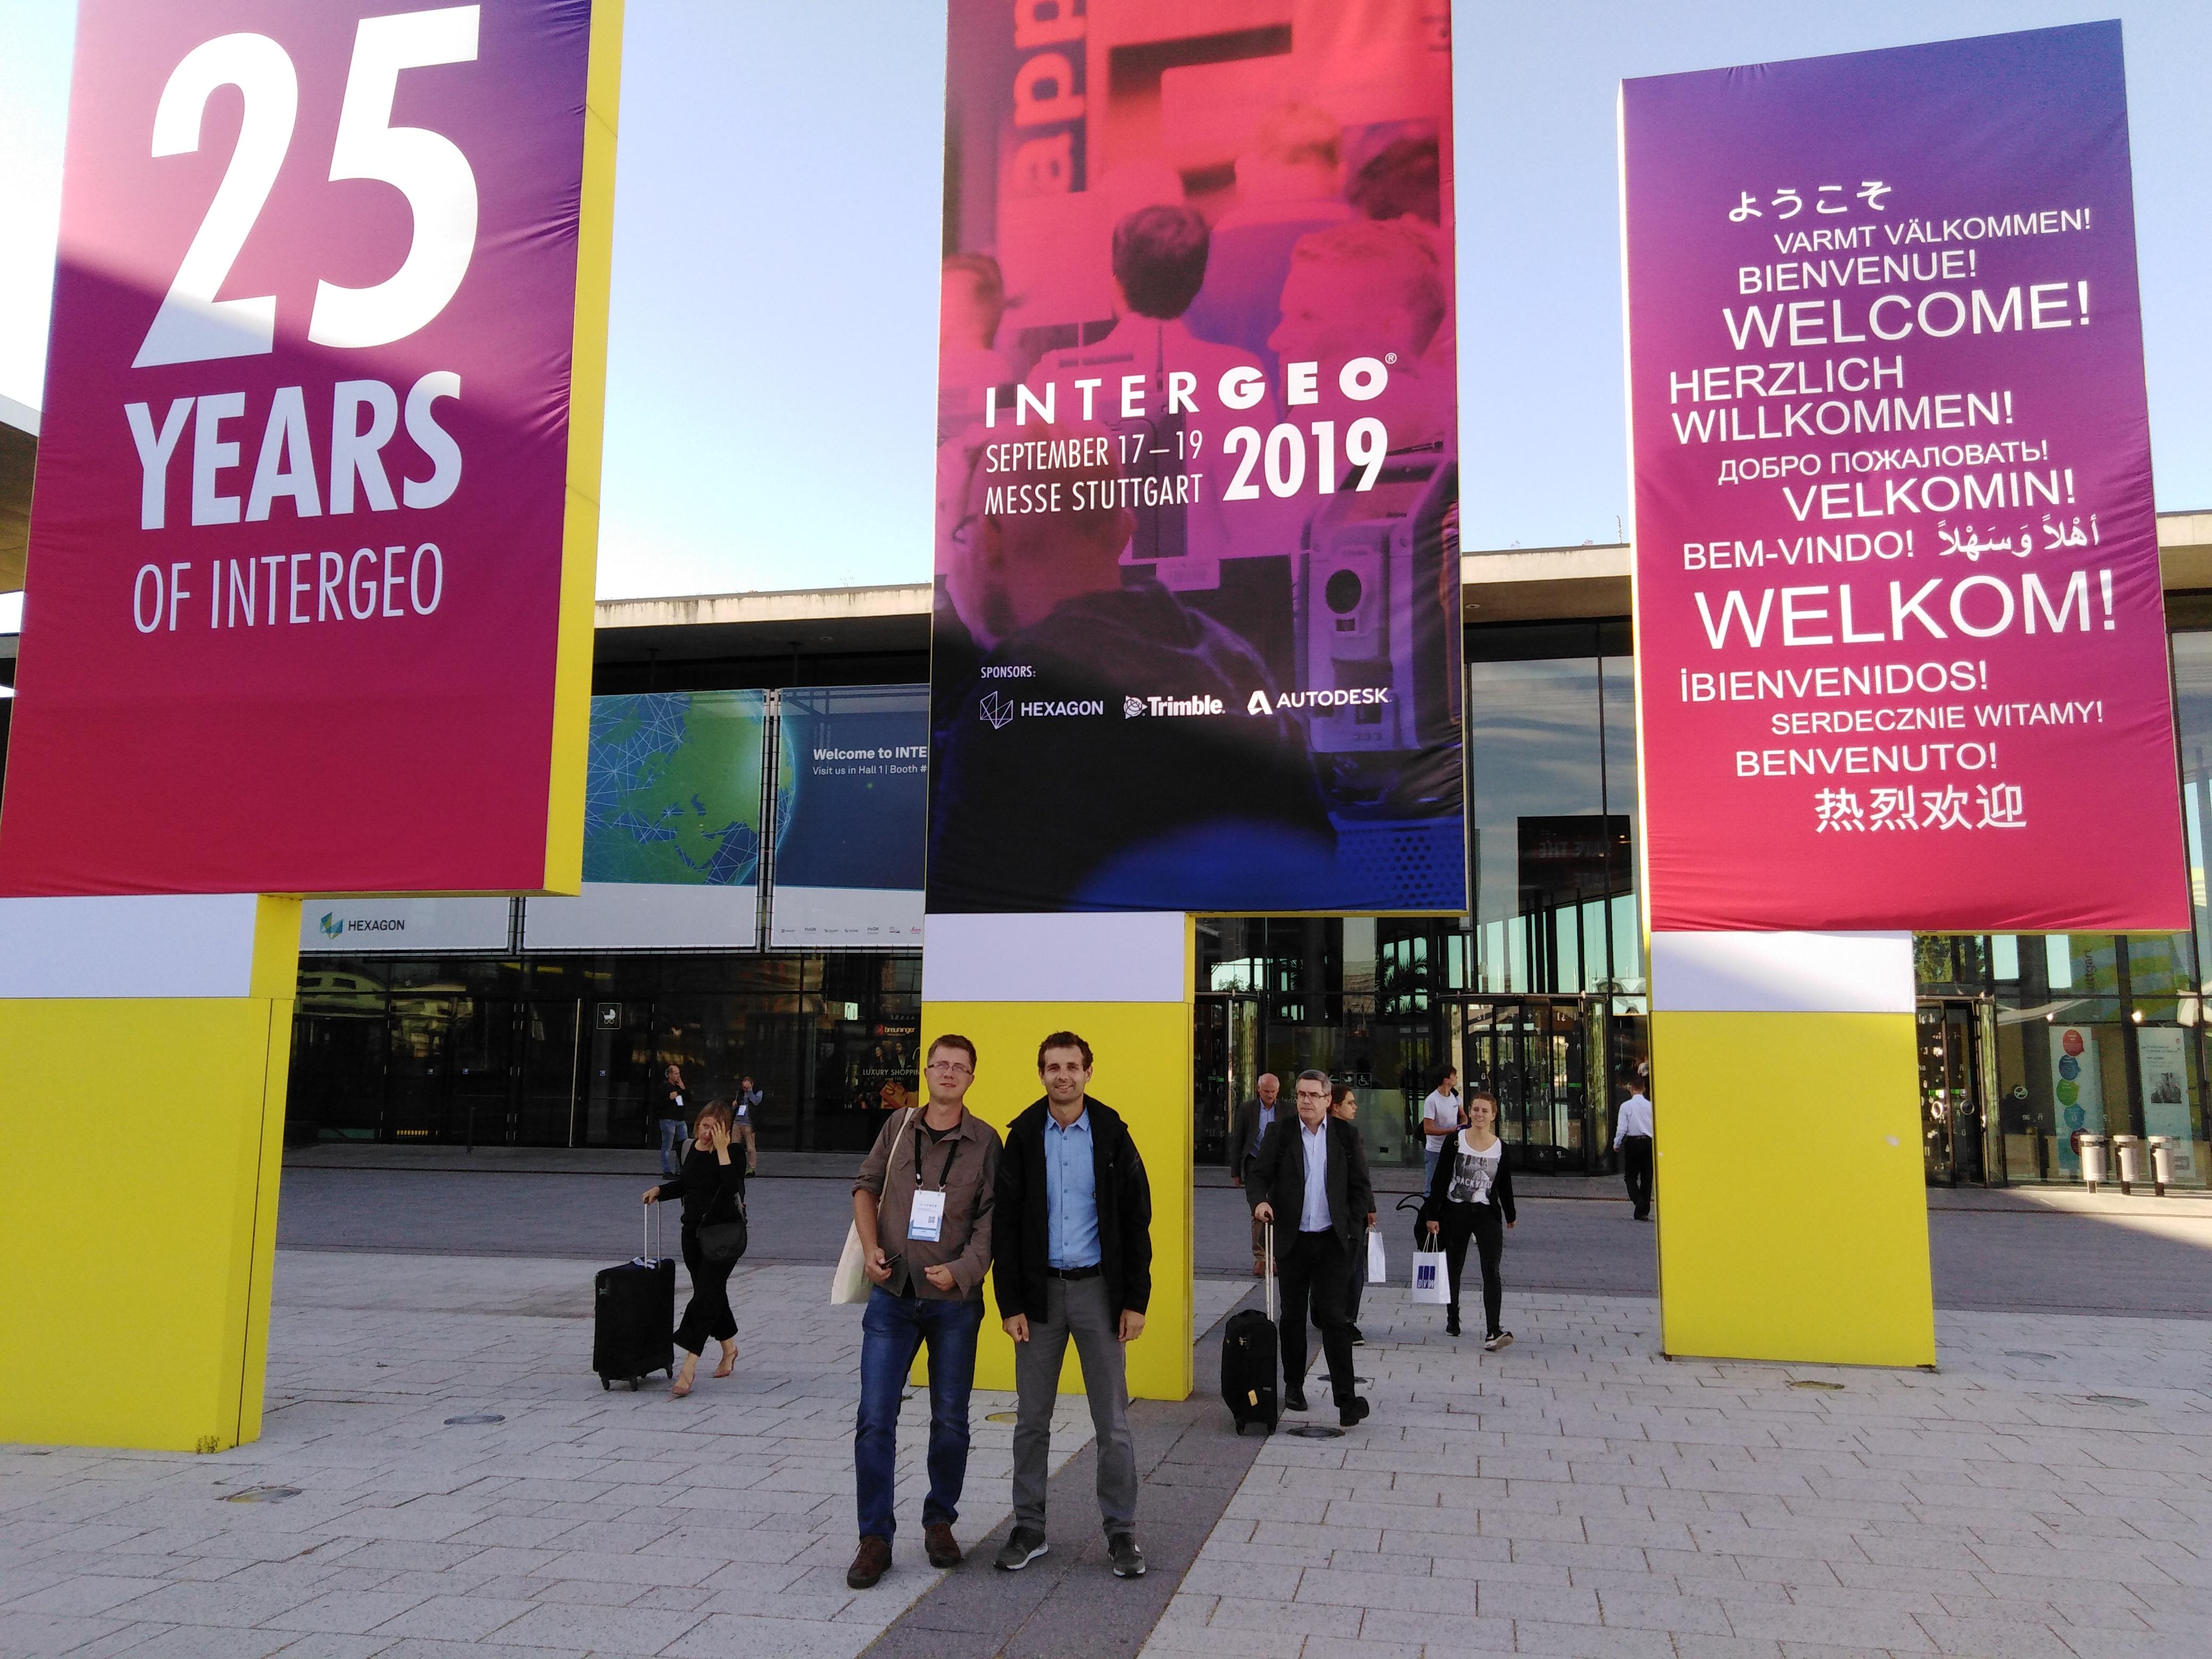 Z wizytą na międzynarodowych targach INTERGEO w Stuttgarcie